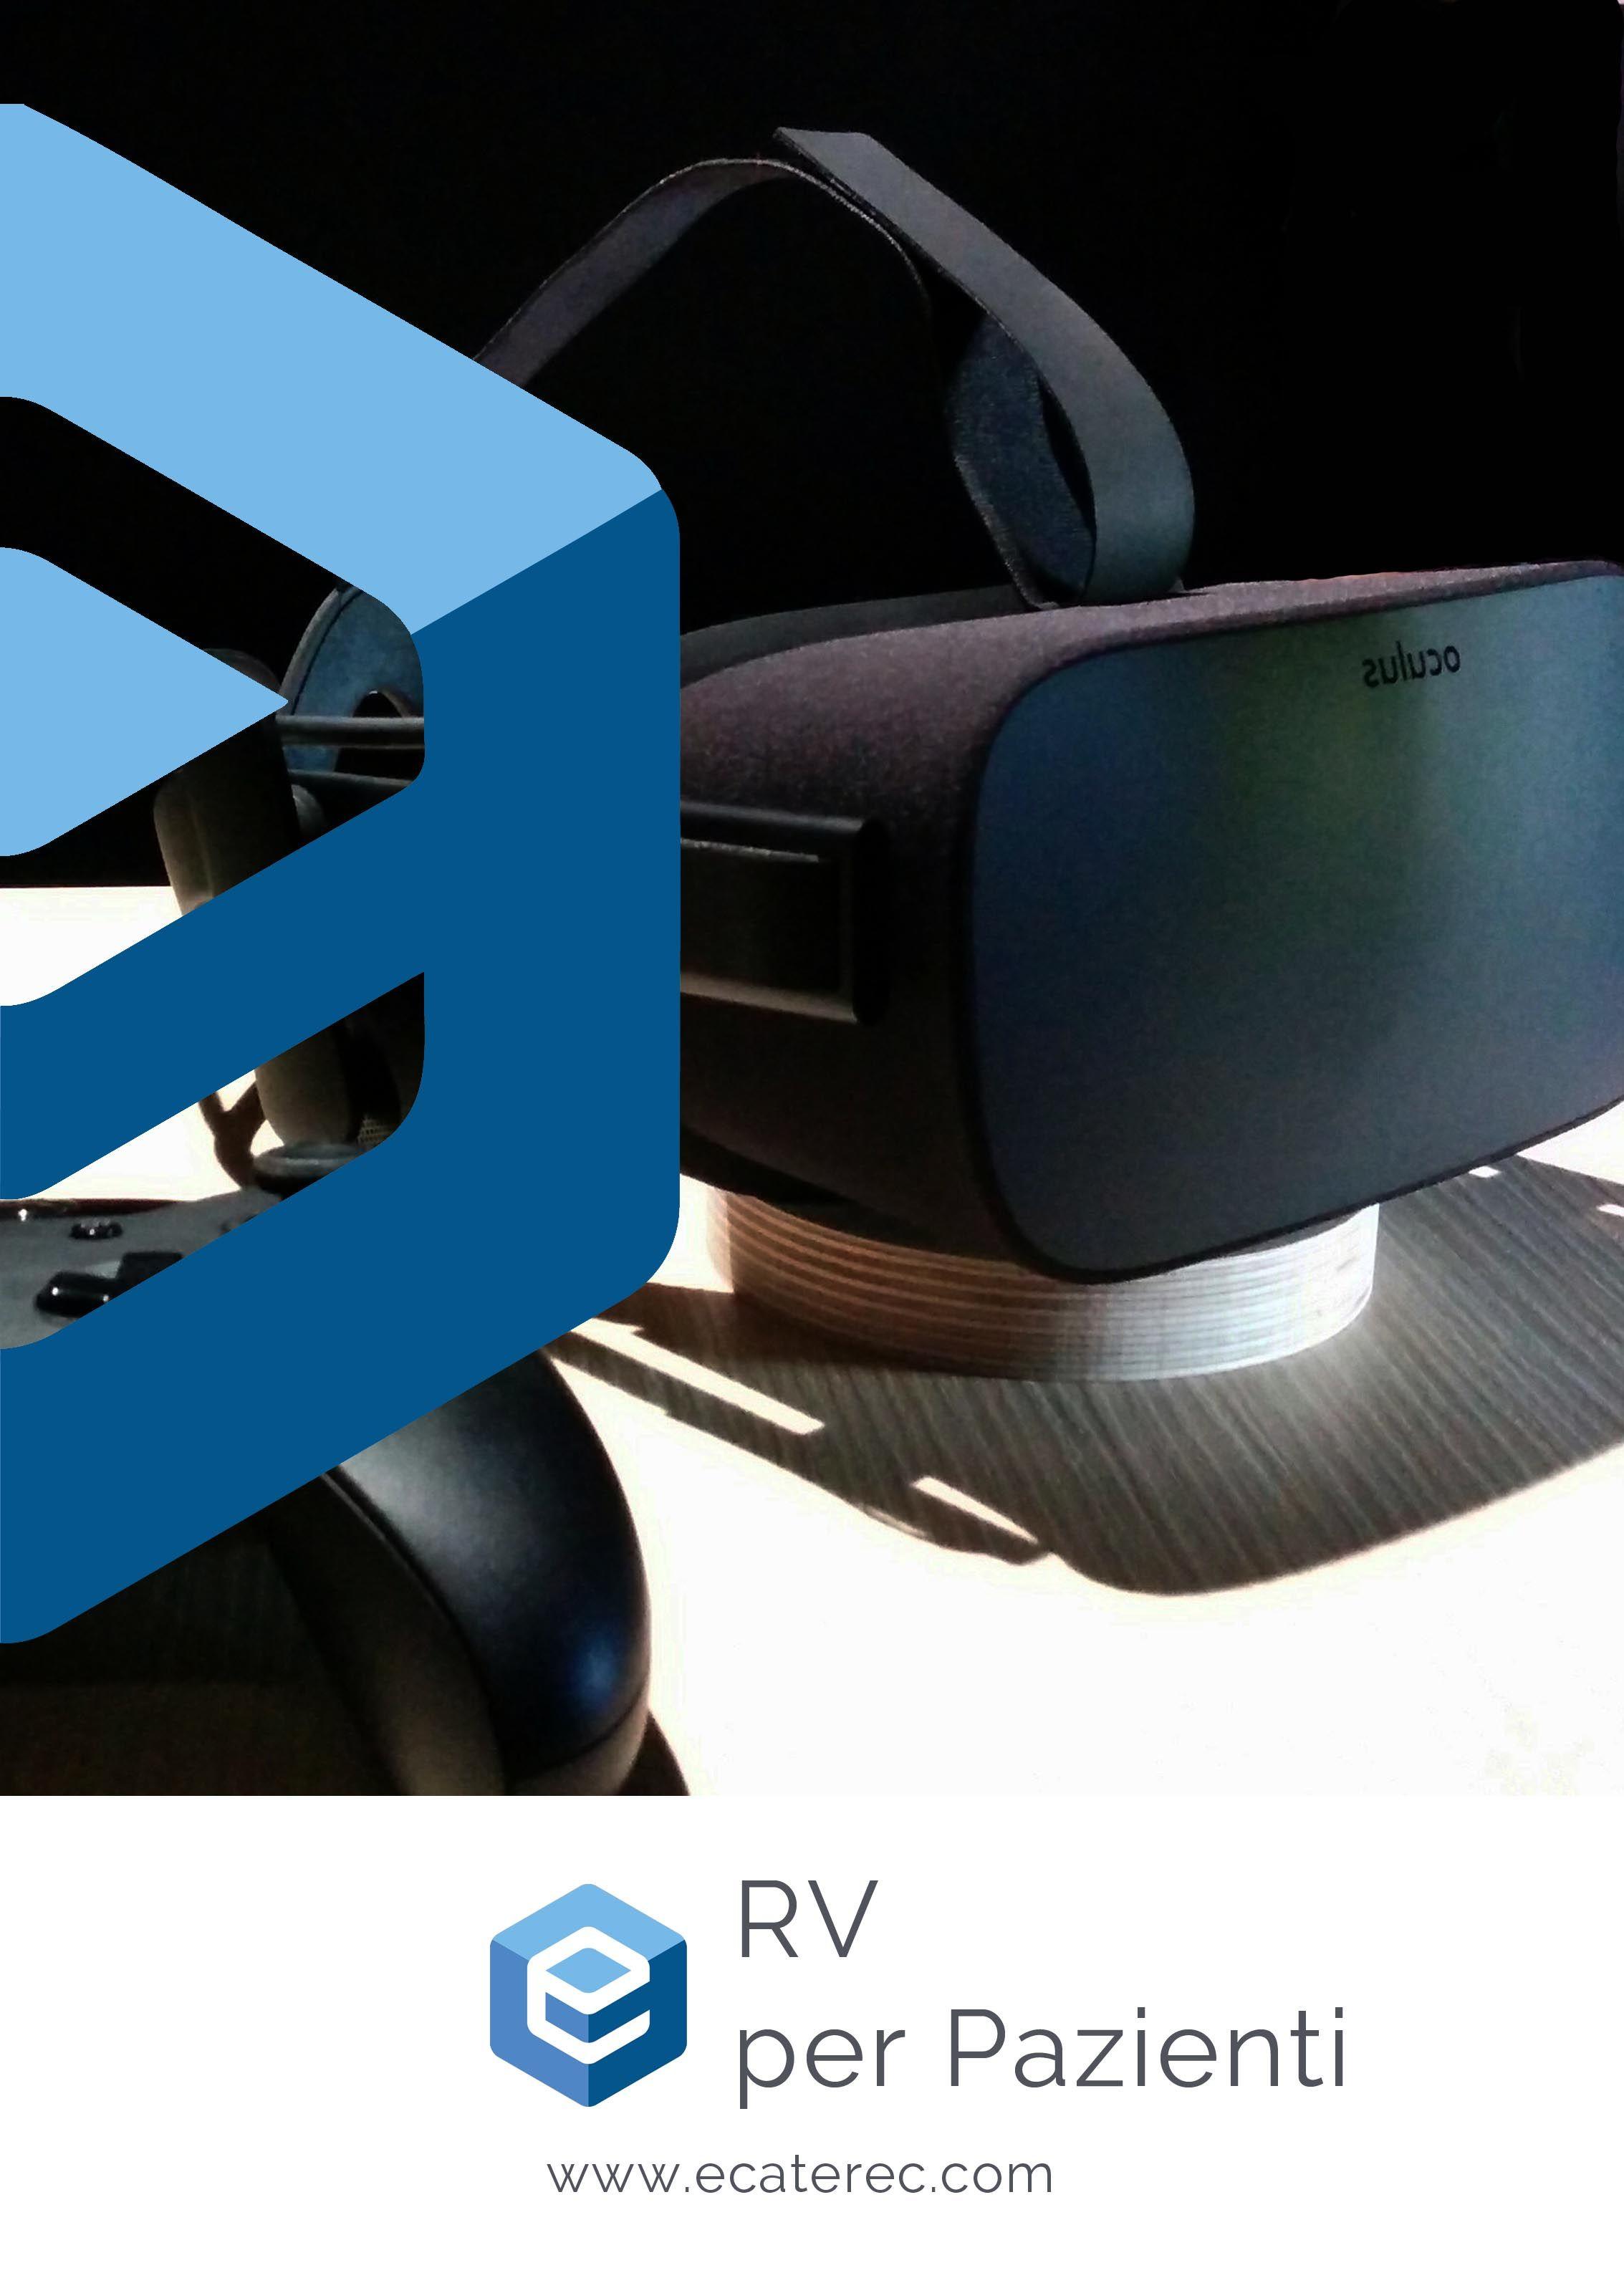 Realtà Virtuale per Pazienti